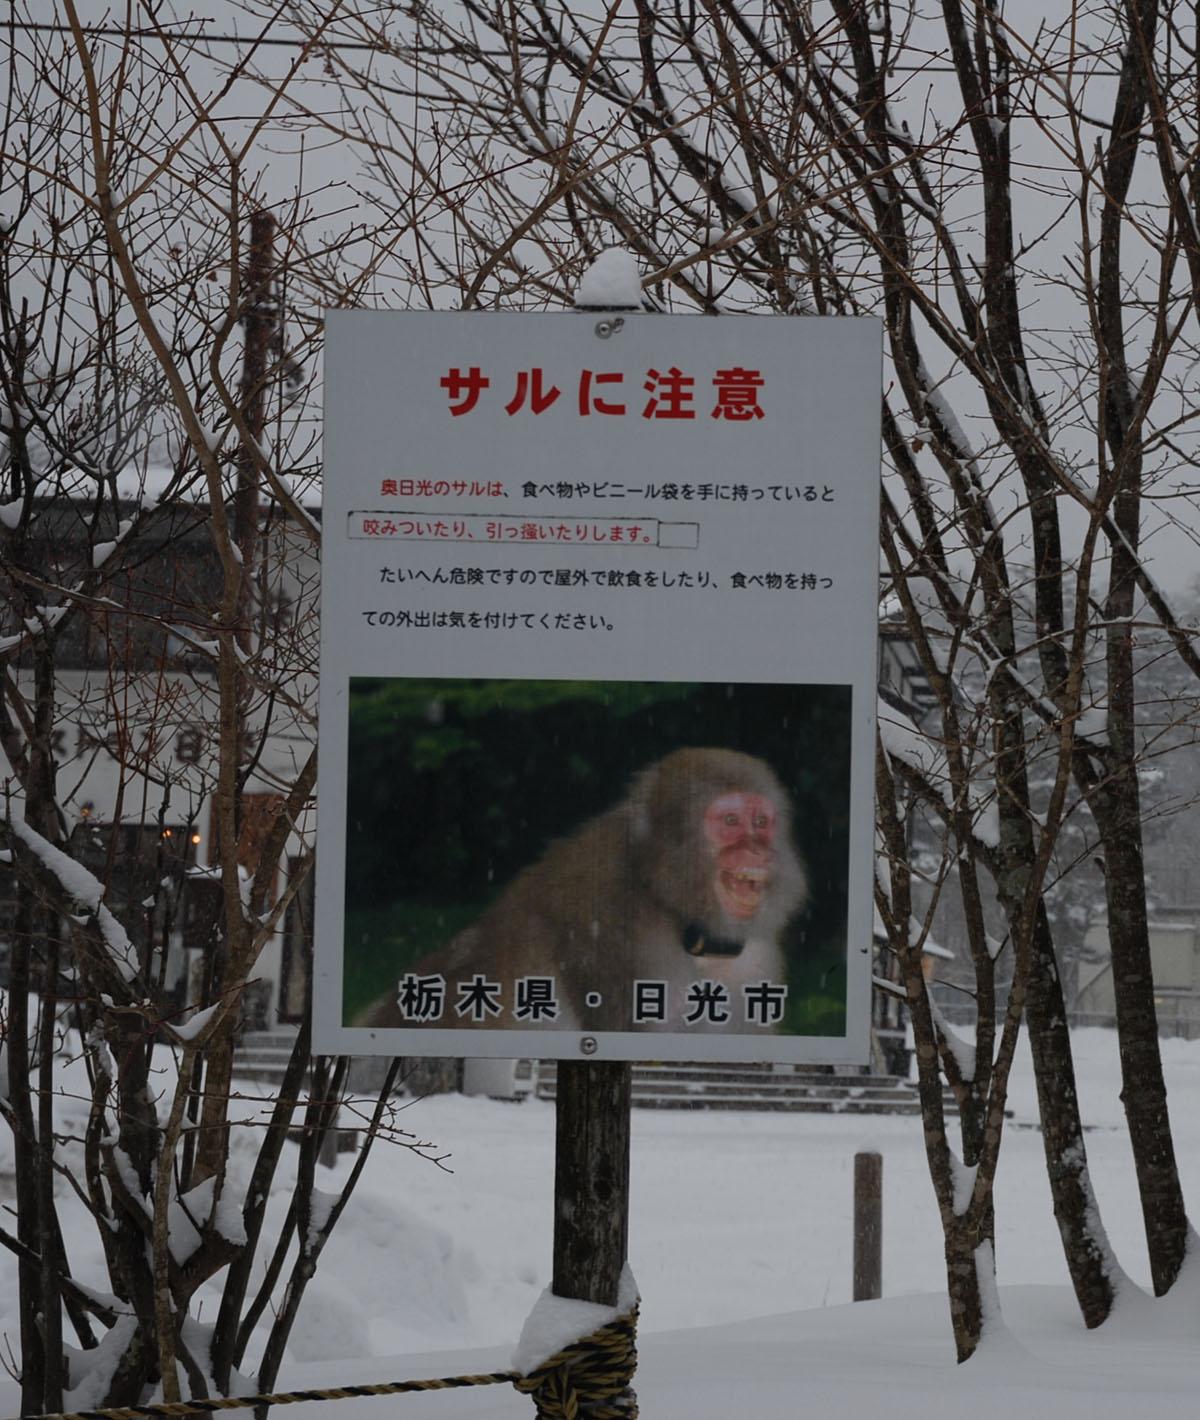 奥日光 獼猴的圖片搜尋結果